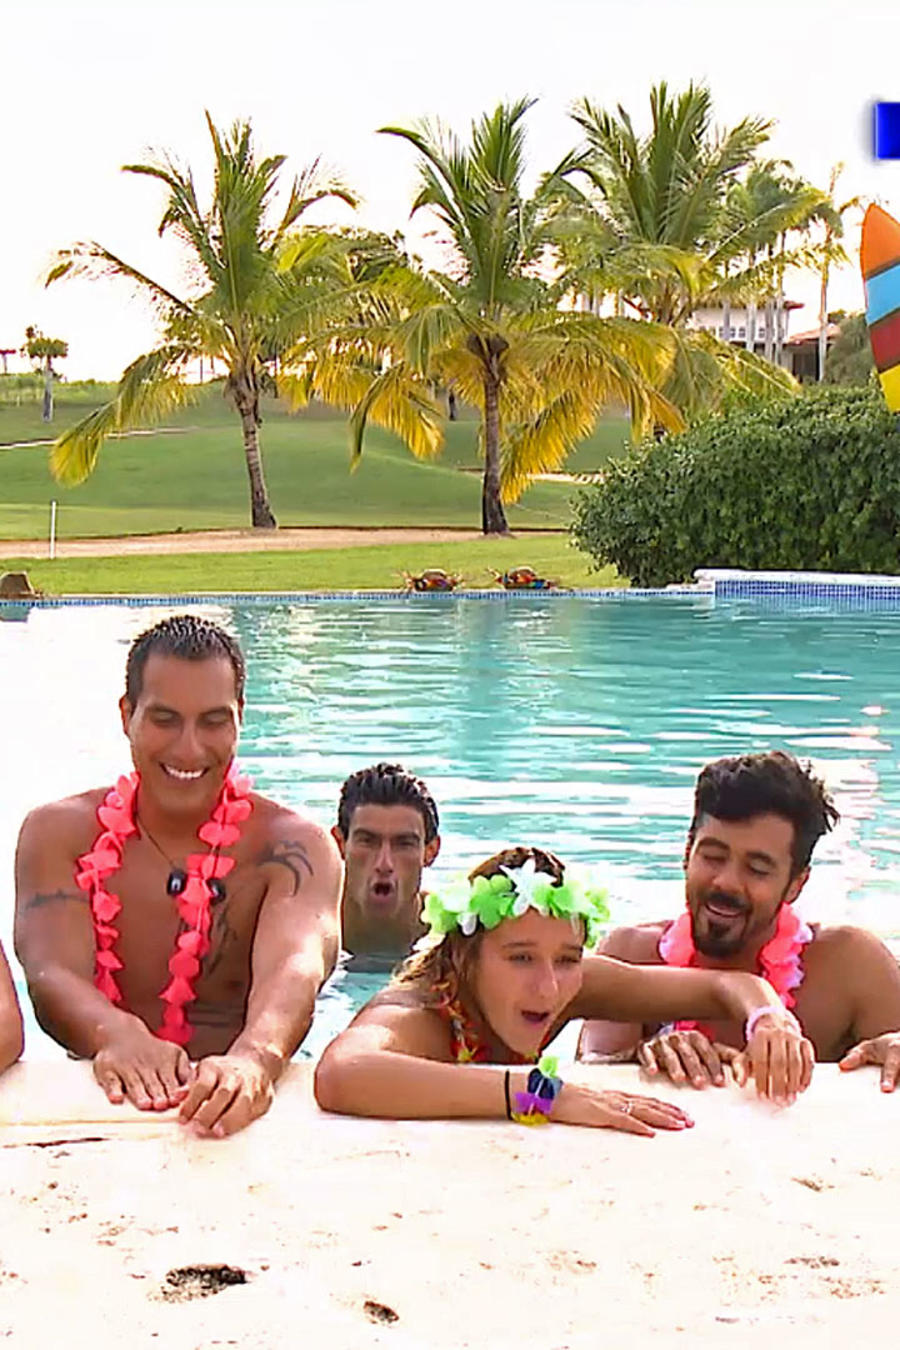 Contendientes celebrando en la piscina